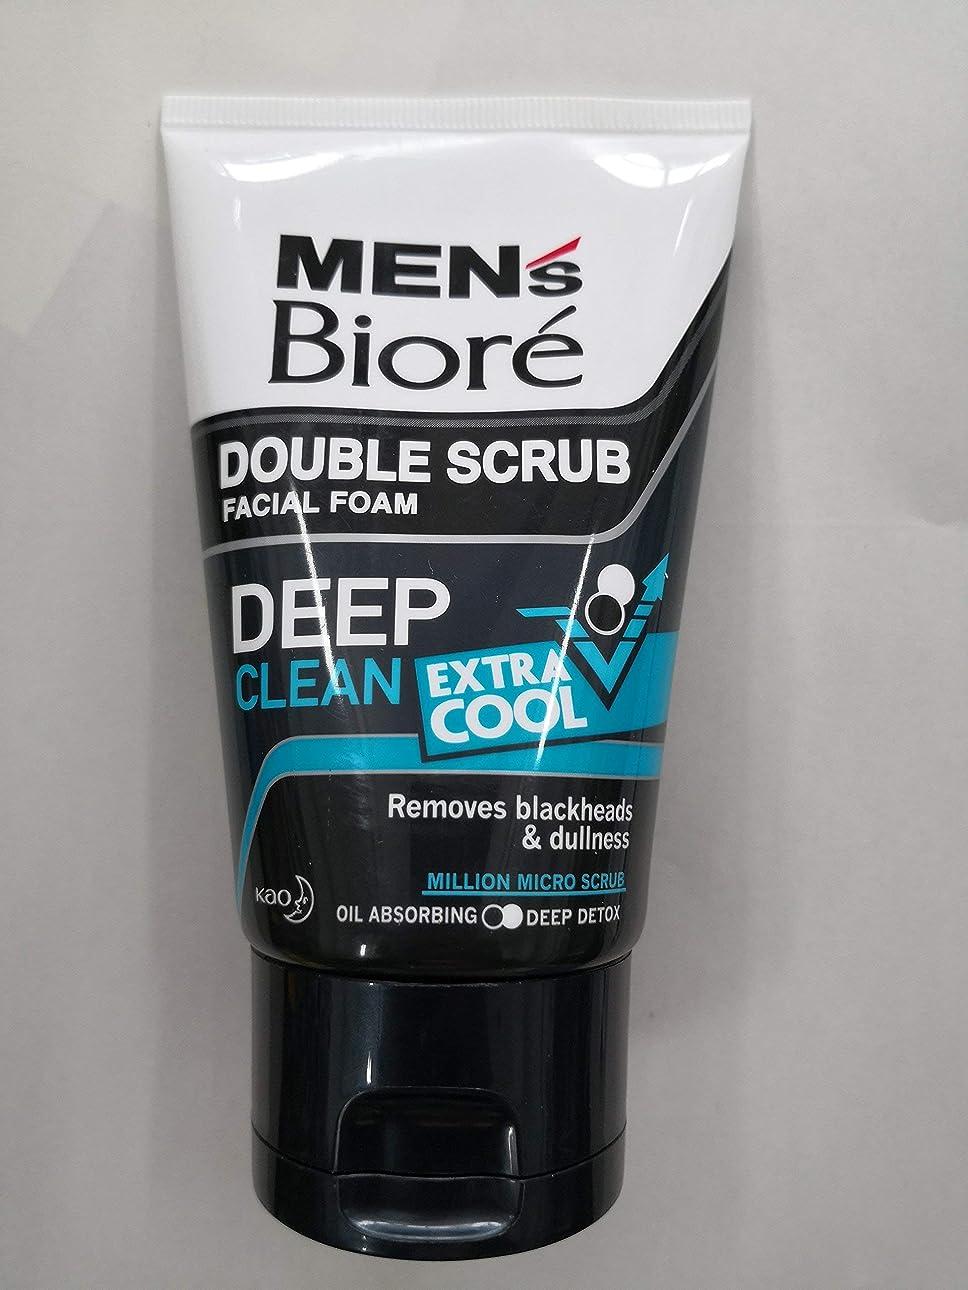 エンドウ日の出アーティキュレーションBiore Men's ダブルスクラブ余分なクールな顔泡100グラム、なめらかな明るい&健康な皮膚。 - 非常にクール&さわやかな感覚。